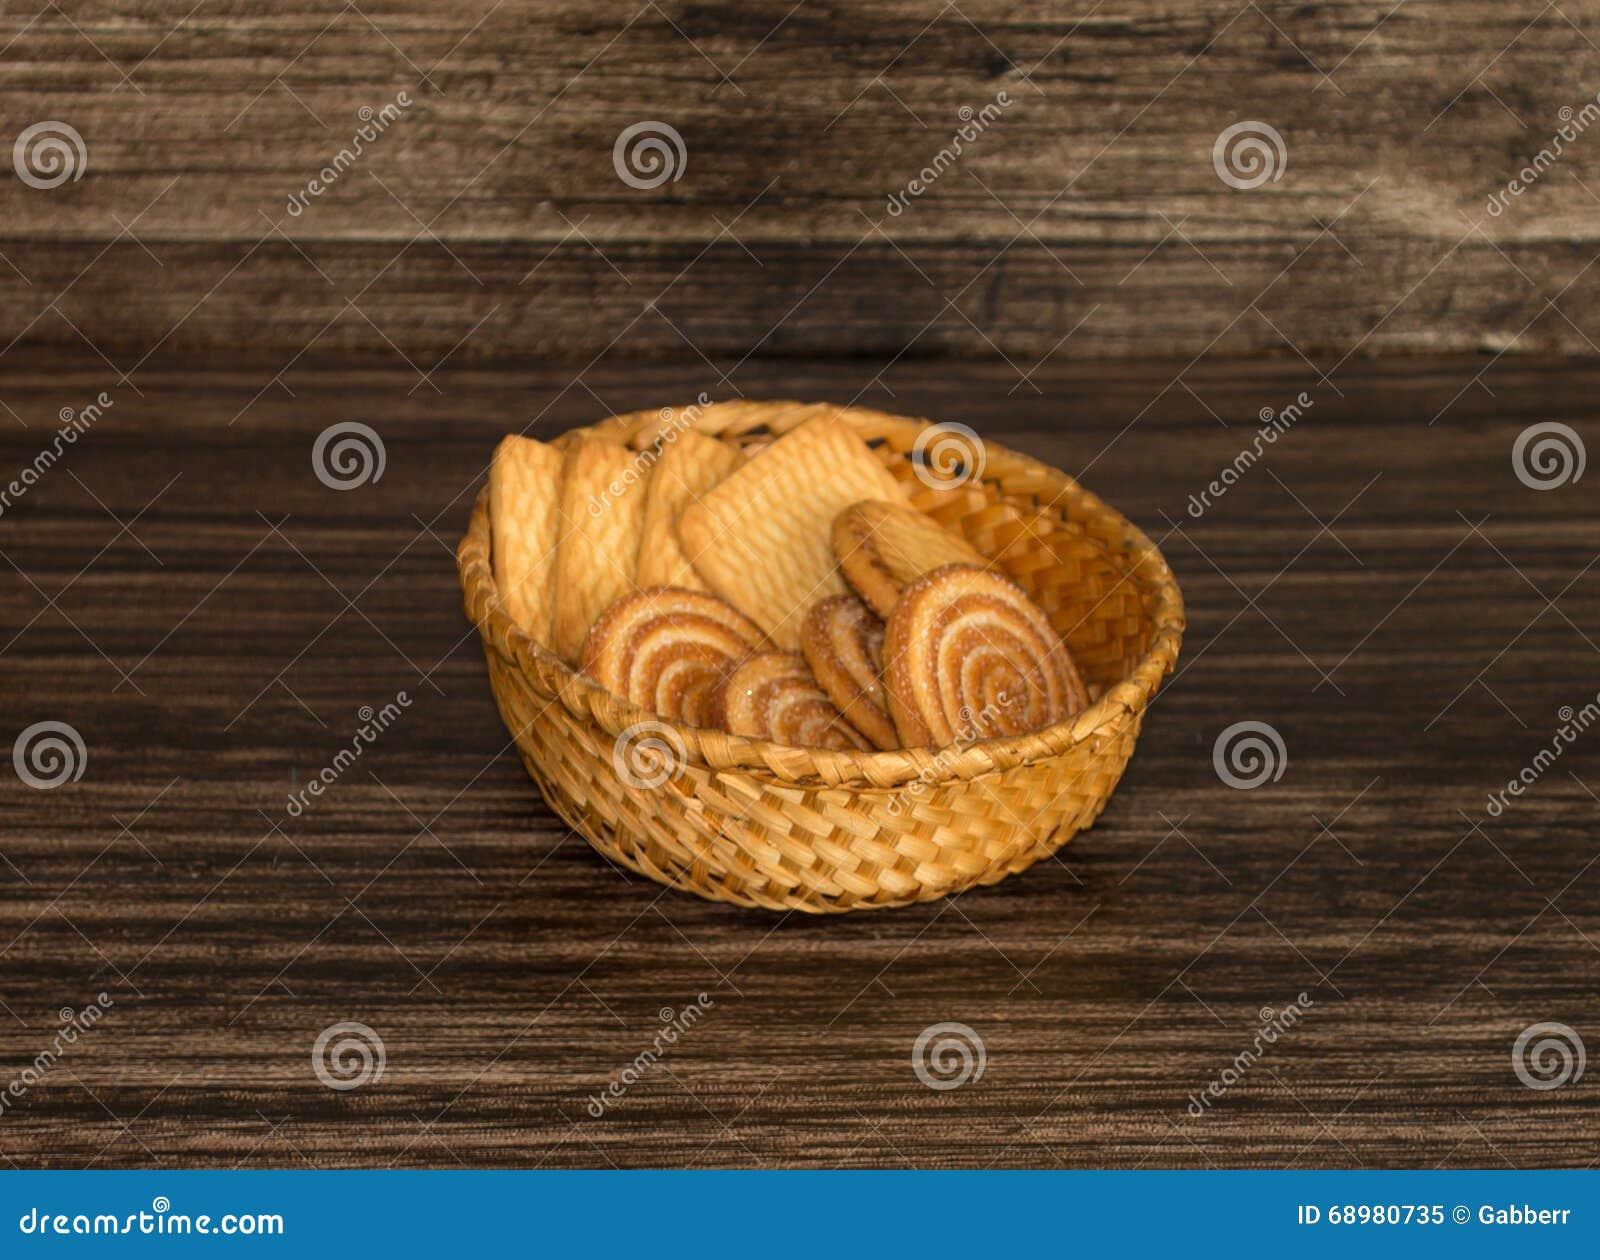 Galletas en una cesta de mimbre